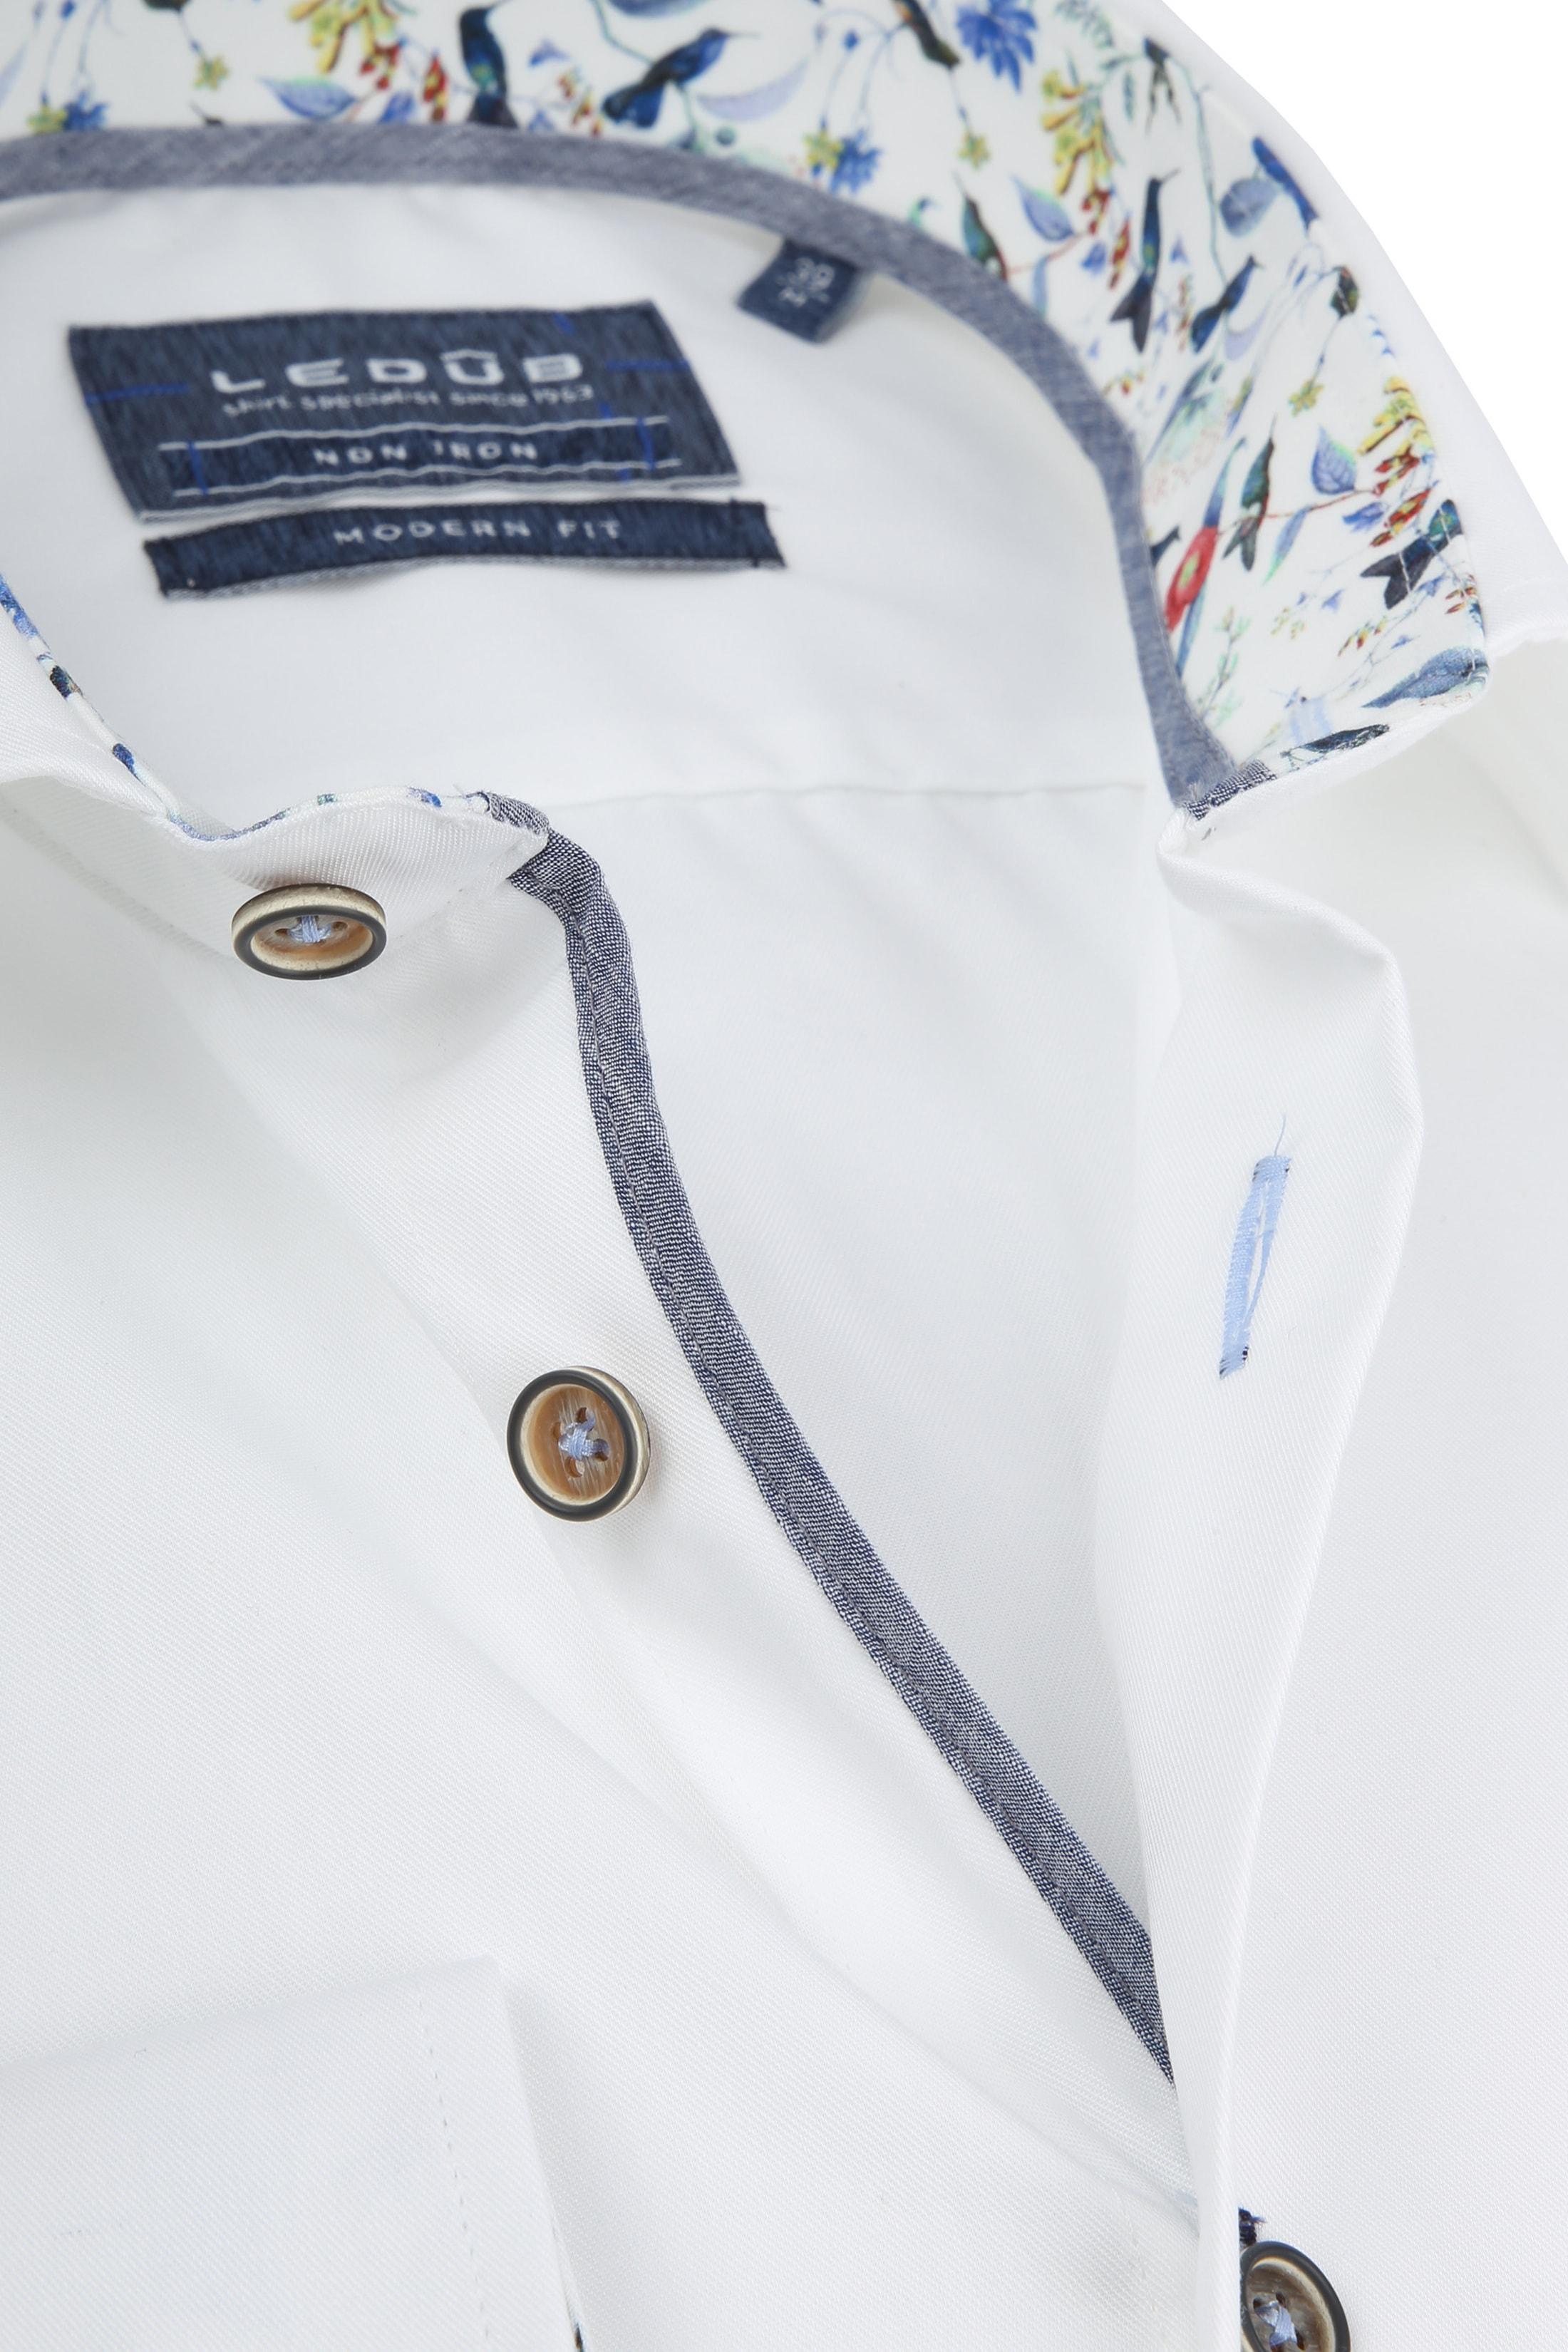 Ledub Overhemd Non Iron MF Wit foto 1